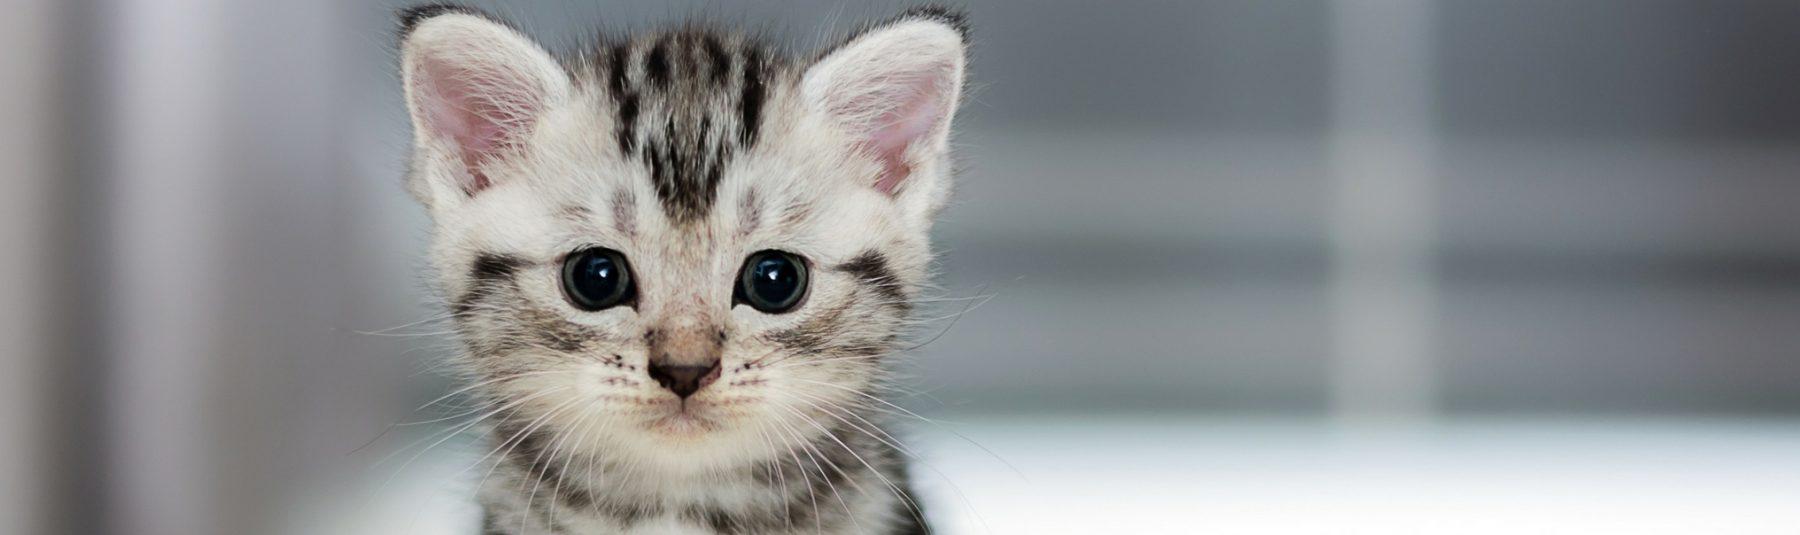 kitten-spay-neutering